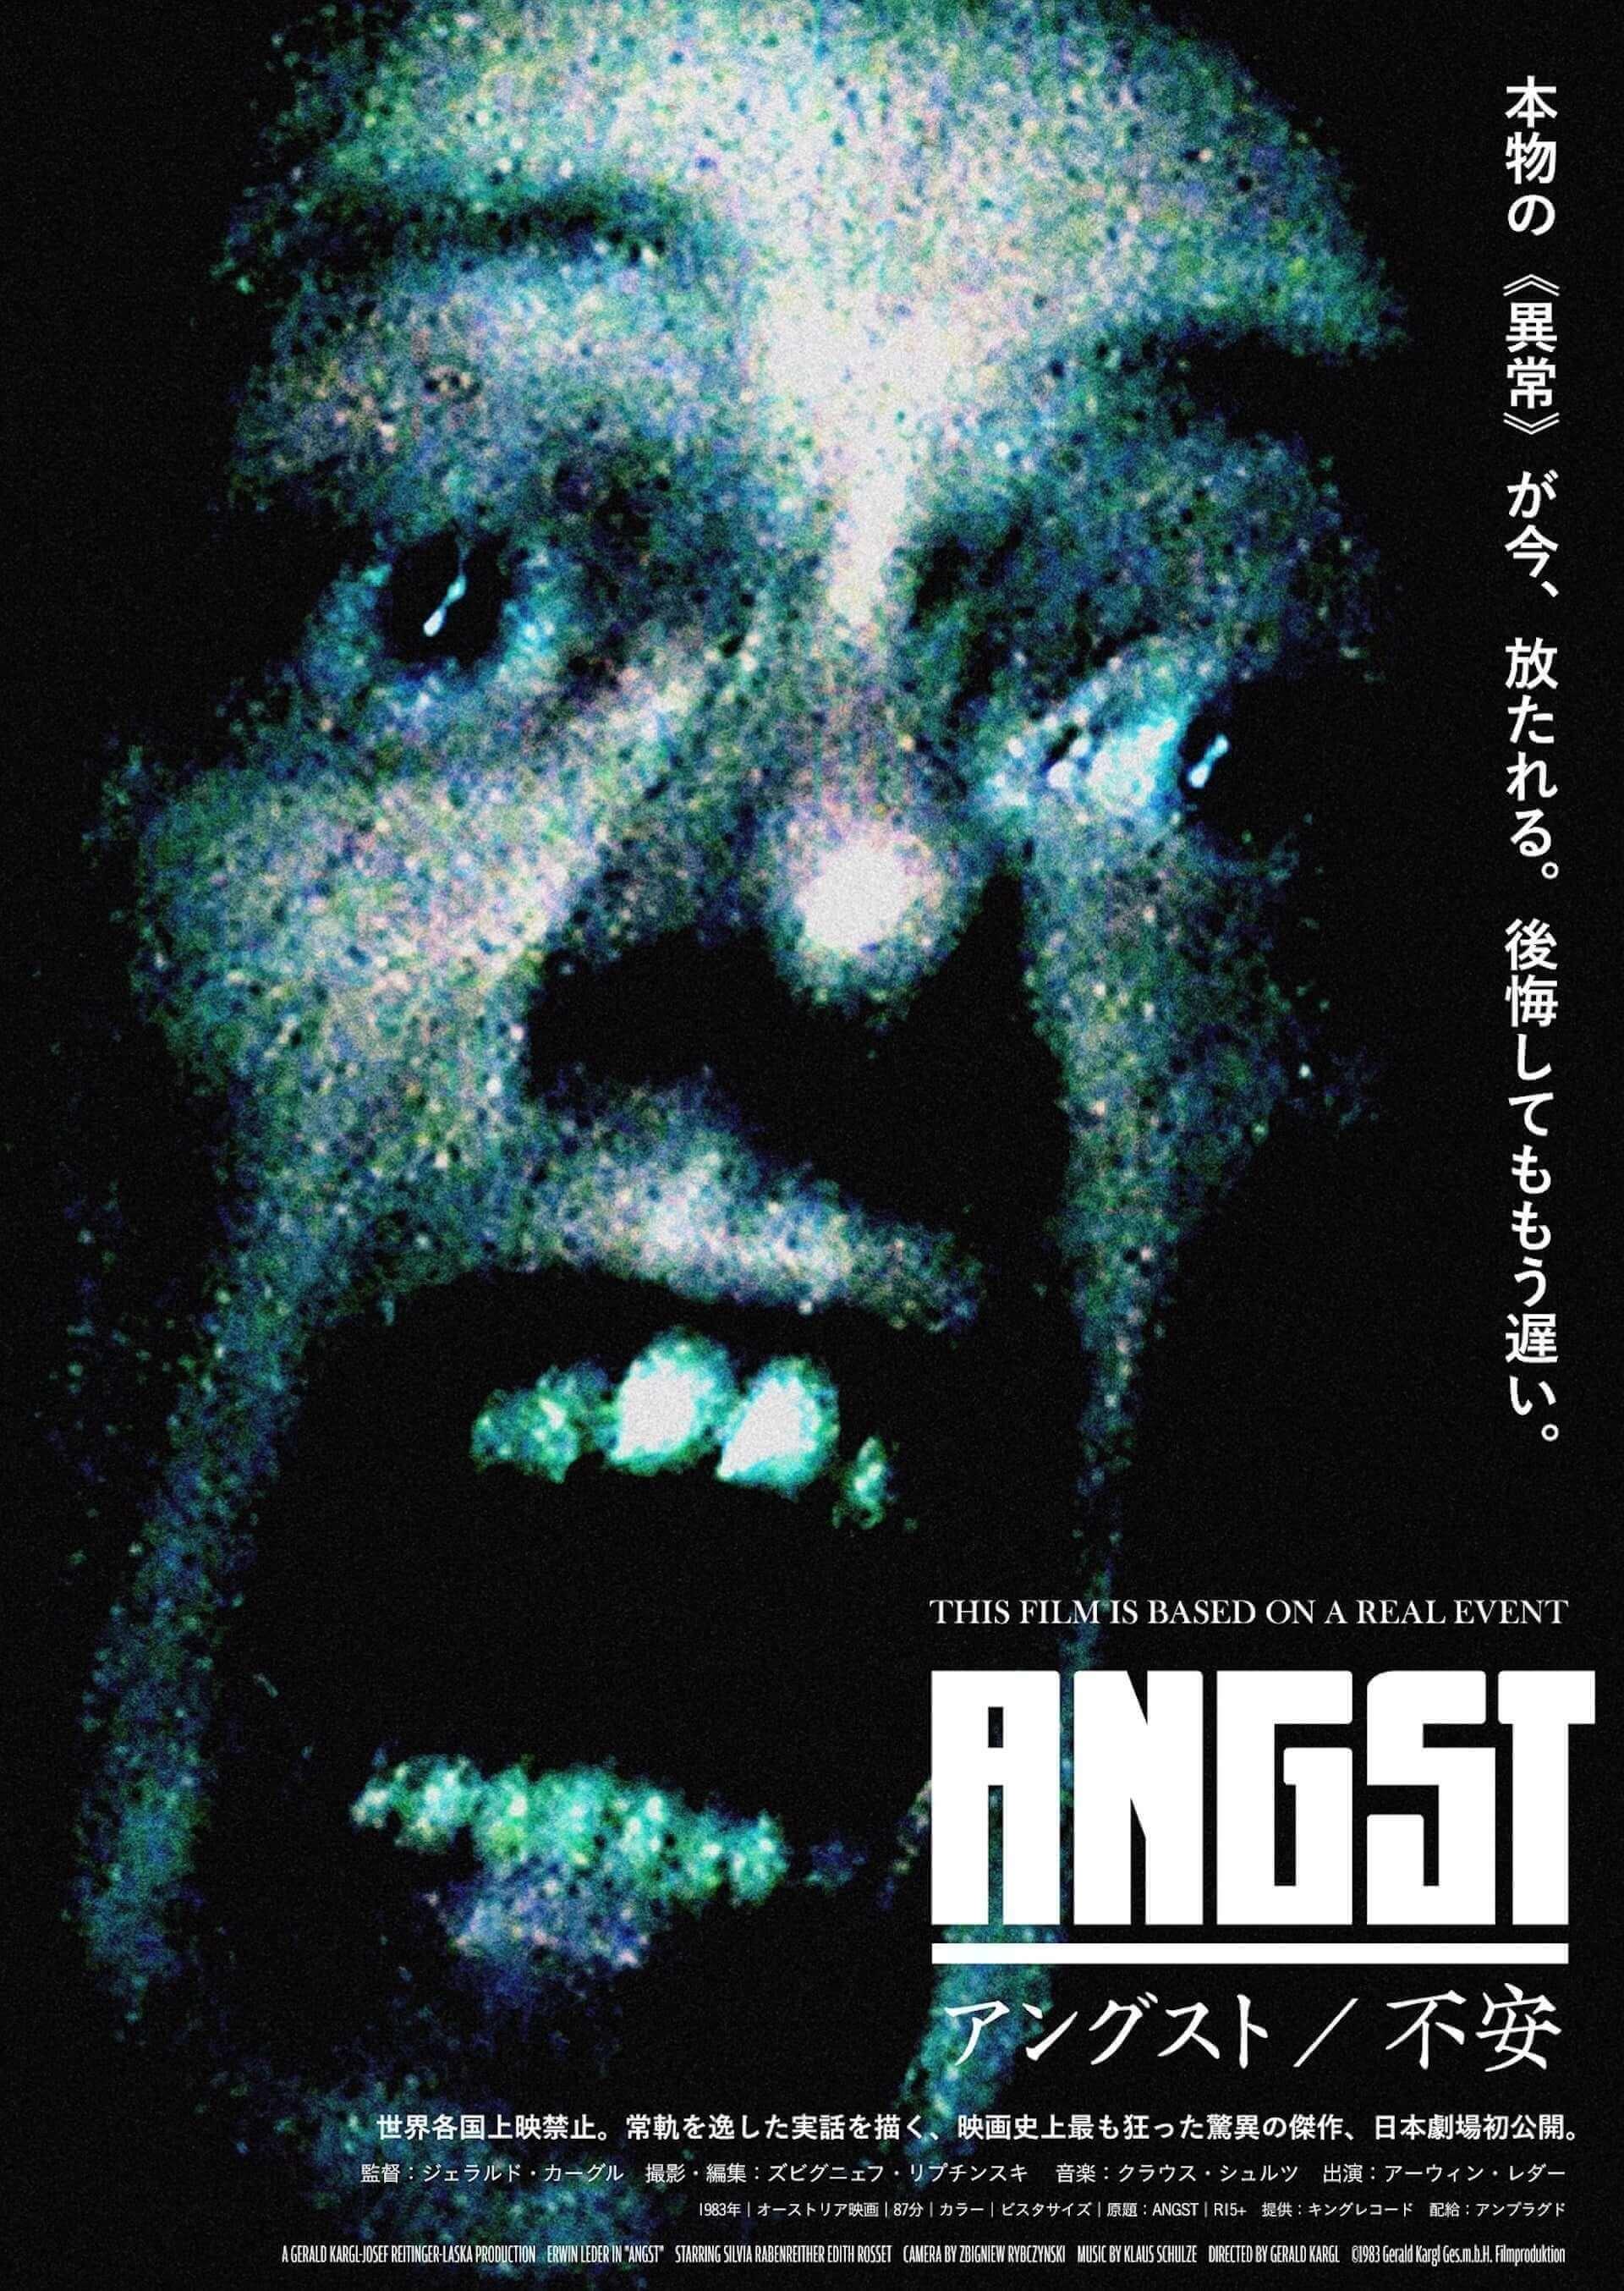 映画『アングスト/不安』の怖すぎるビジュアルをおうちにも!?オリジナルポスター3種類が急遽販売決定 film200720_angst_8-1920x2708